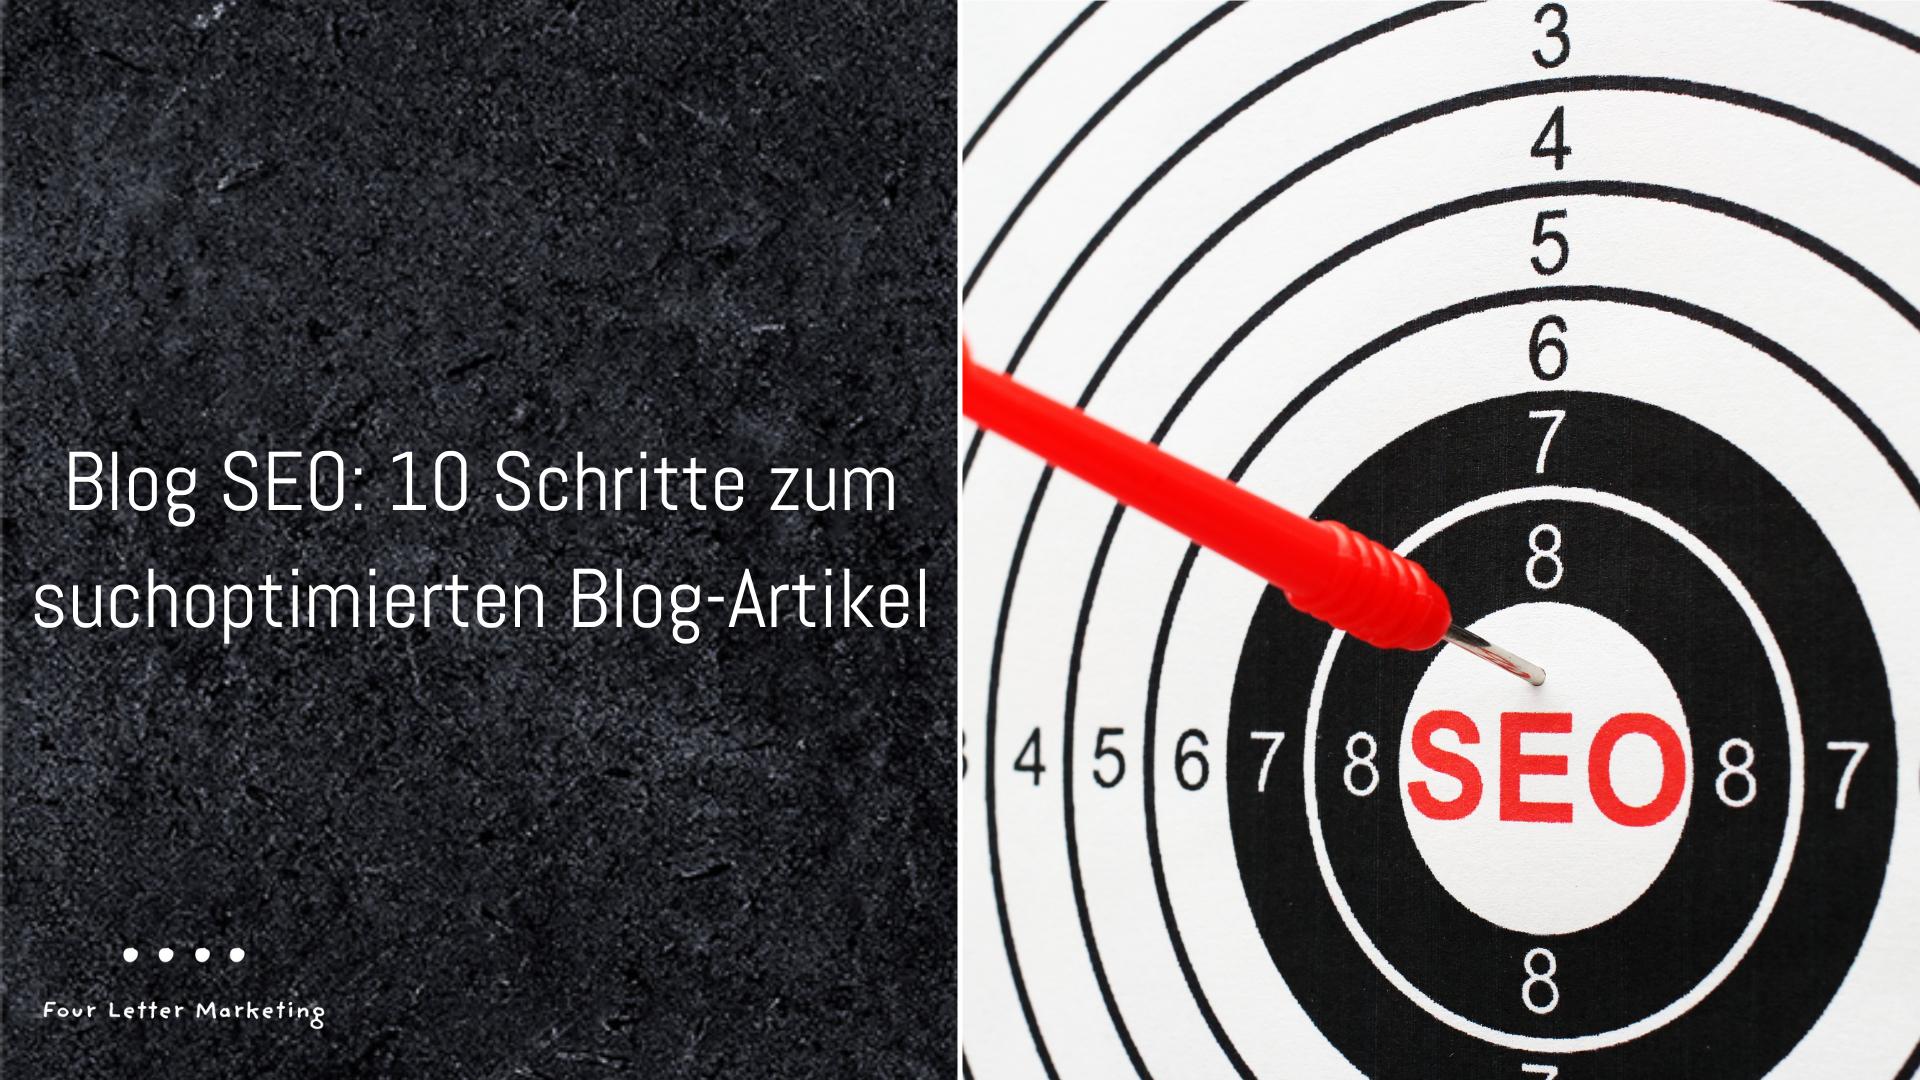 Blog SEO 10 Schritte